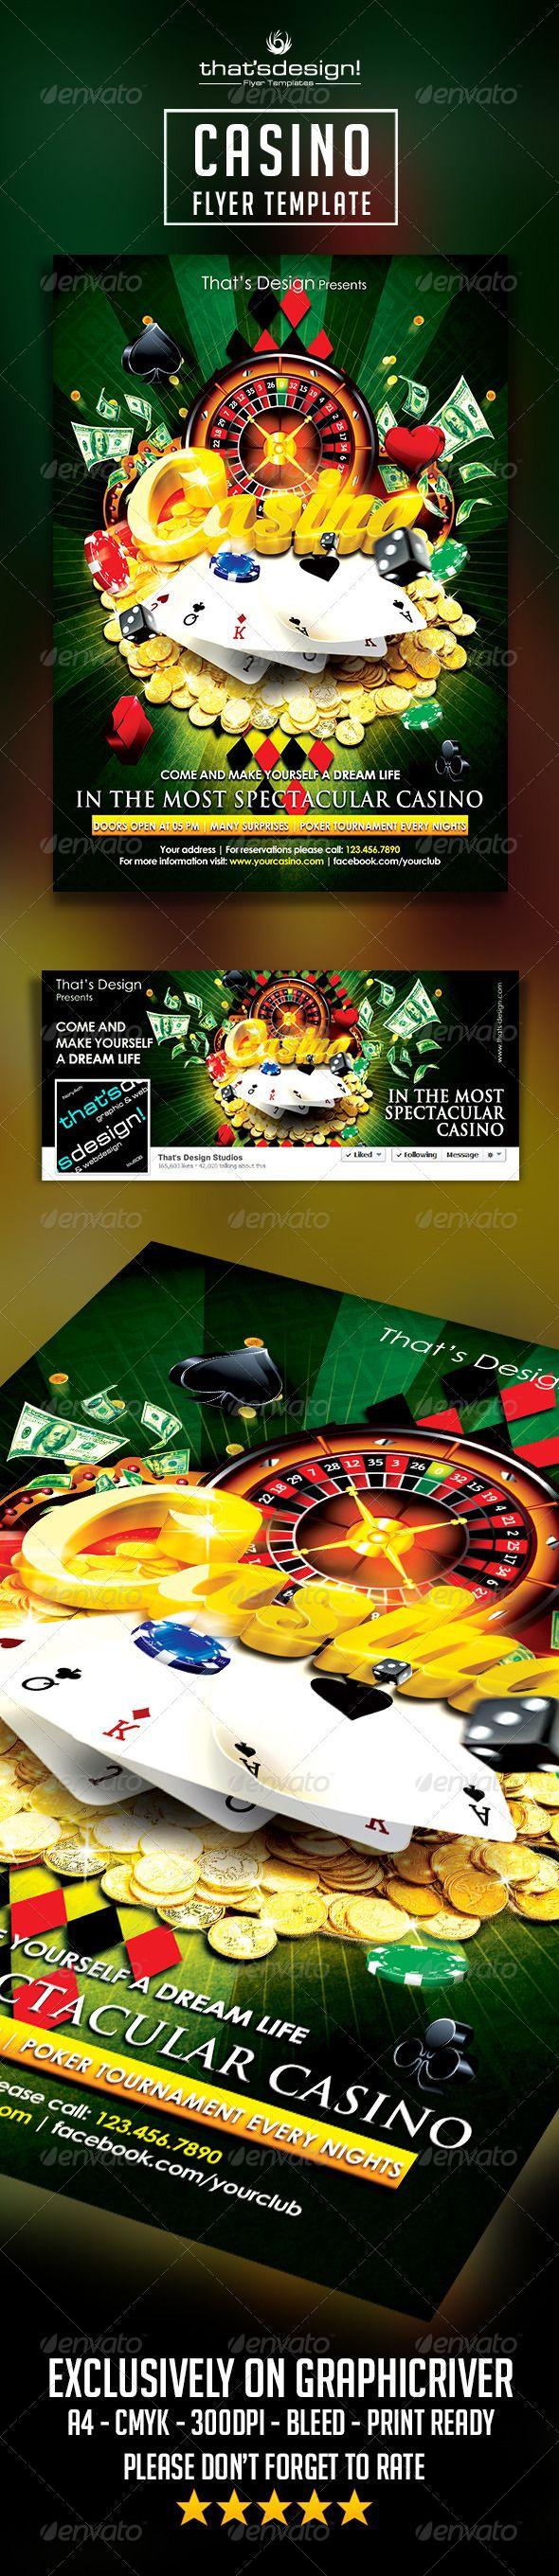 Casino Flyer Template Official website : http://thats-design.com/